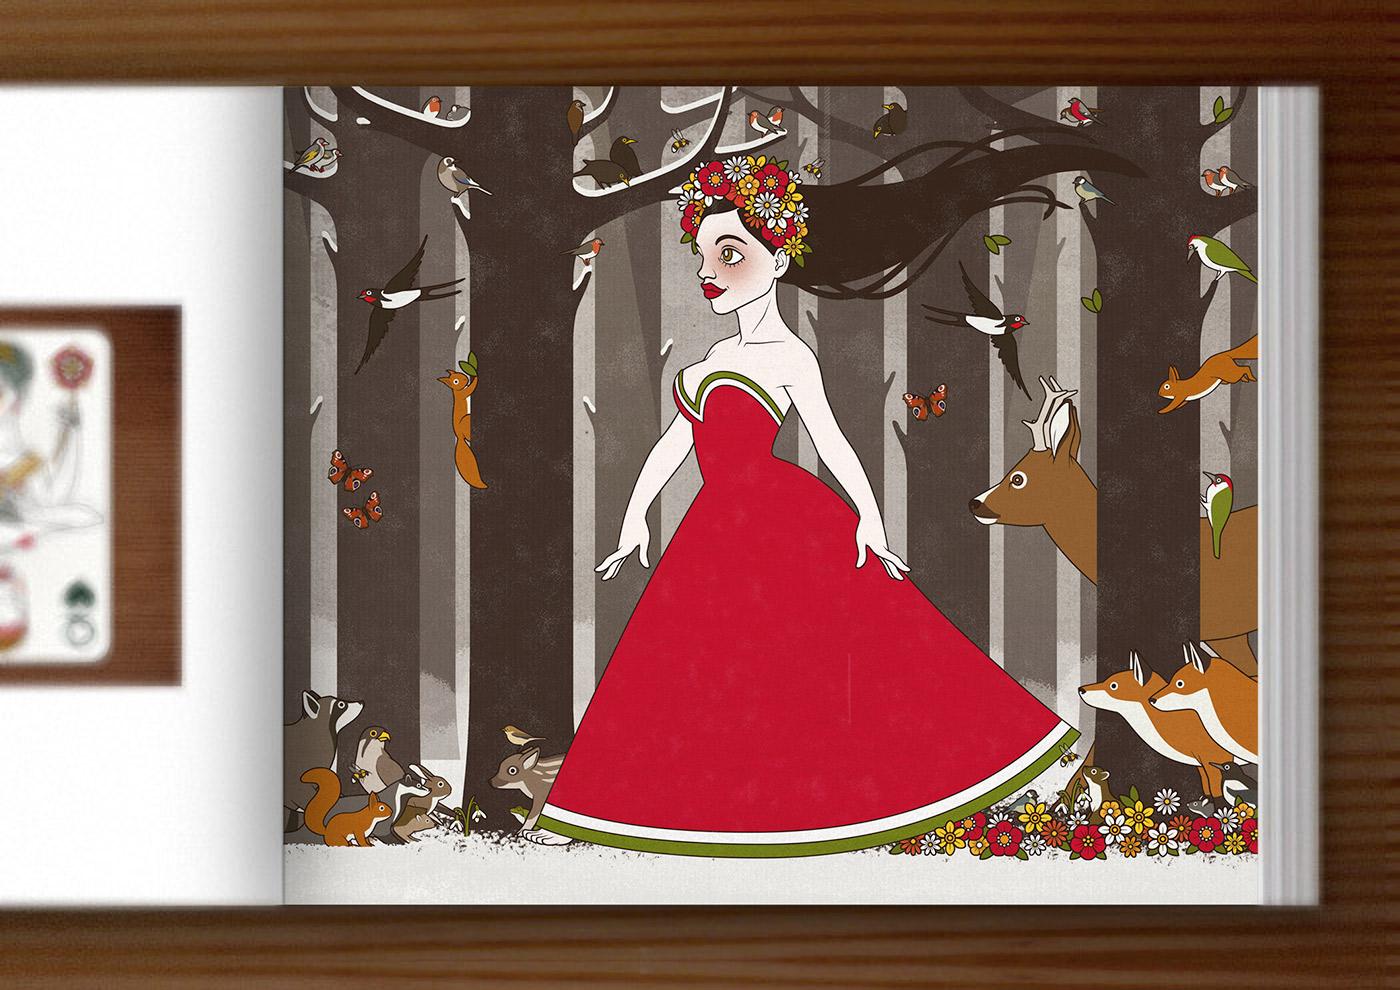 IO-Sedbook mit einer Zeichnung von Flora, Persephone, Proserpina oder Sylvana, Frühlingsgöttin oder Nymphe im Abendkleid mit Blumenkranz, die von Tieren wie Eichhörnchen, Rehen und Singvögeln begleitet durch den Wald im Frühling spaziert